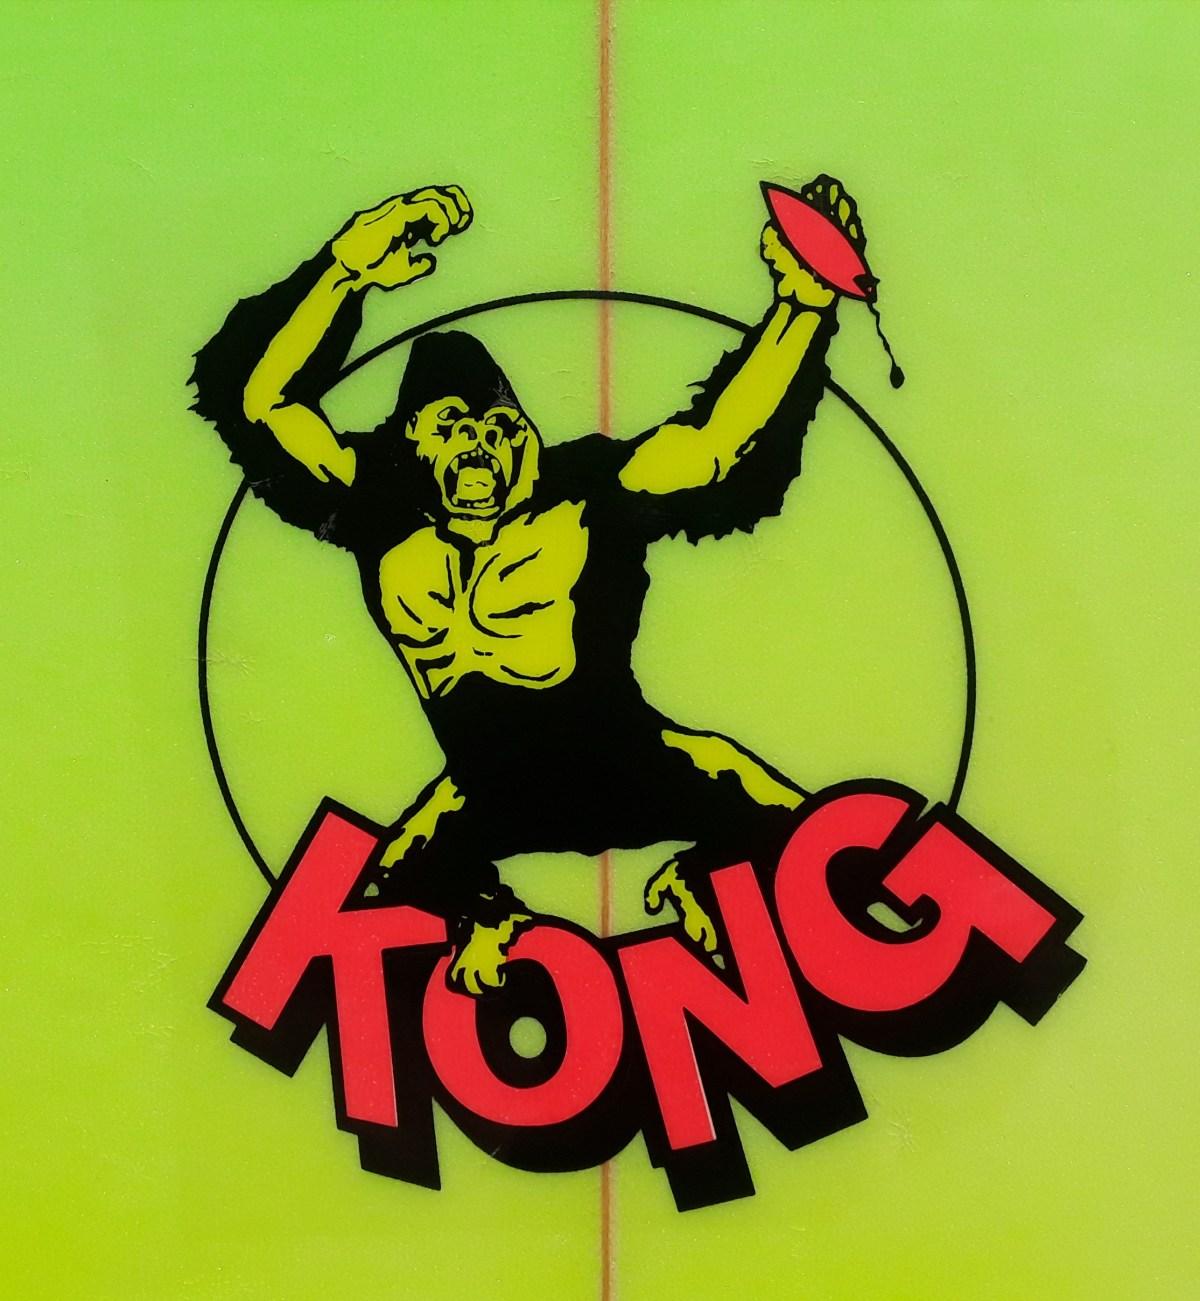 Hot Stuff Kong Gary Elkerton Board by Tom Eberly